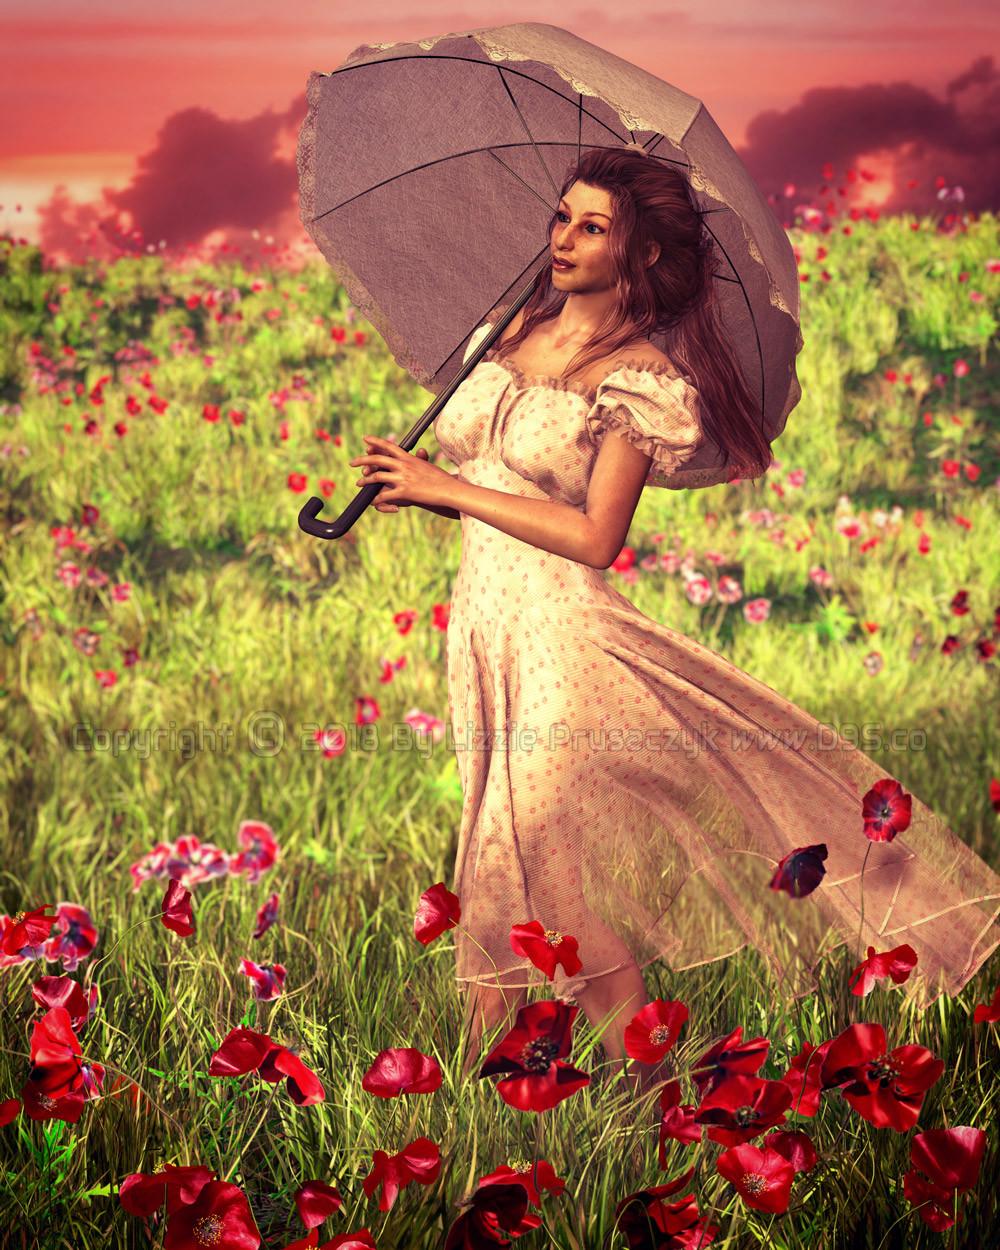 Lizzie prusaczyk d9s co poppies